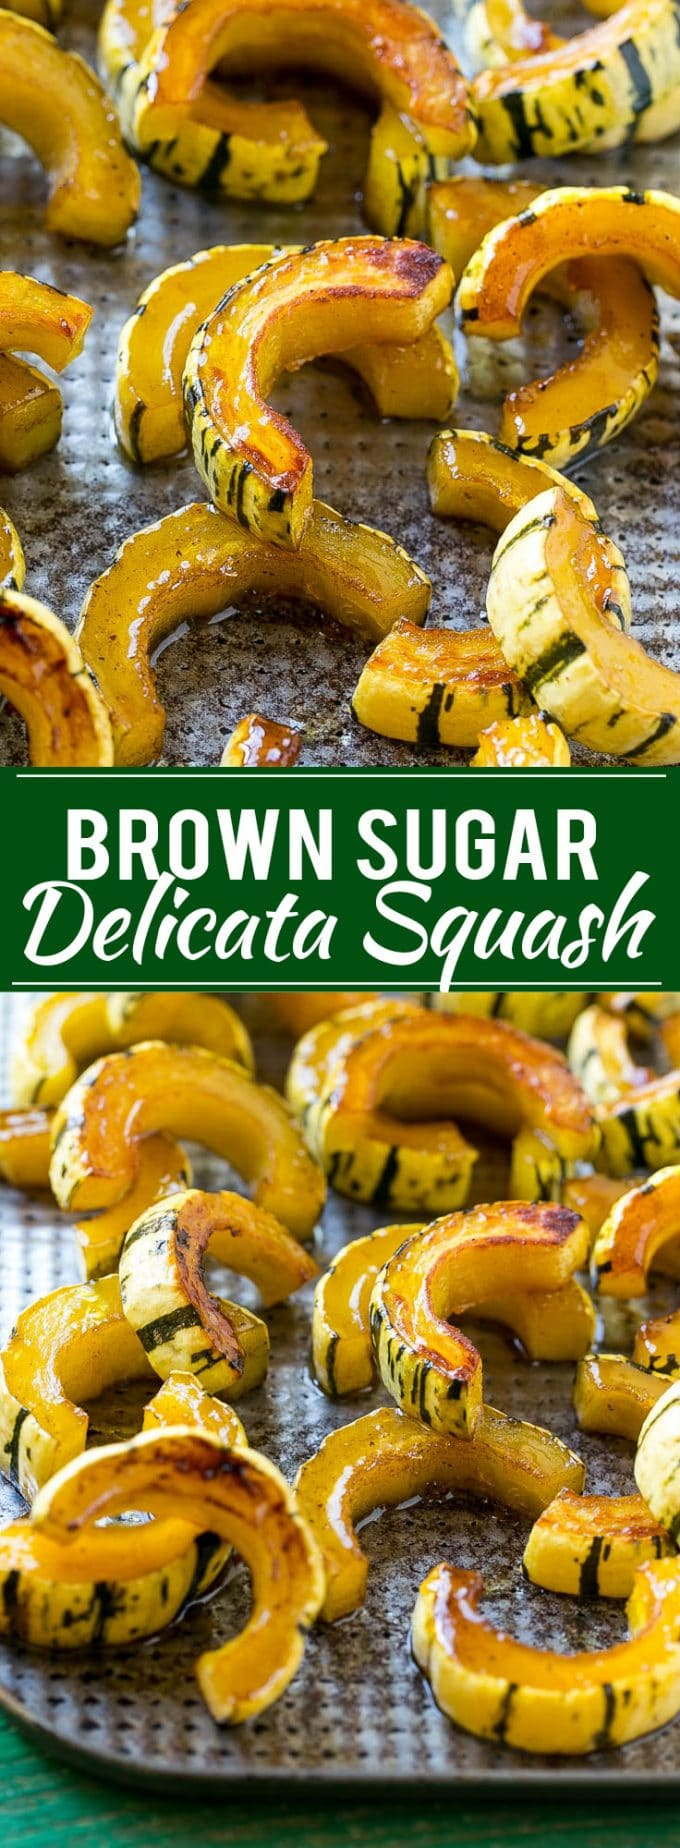 Brown Sugar Delicata Squash Recipe | Roasted Squash | Delicata Squash | Winter Squash Recipe